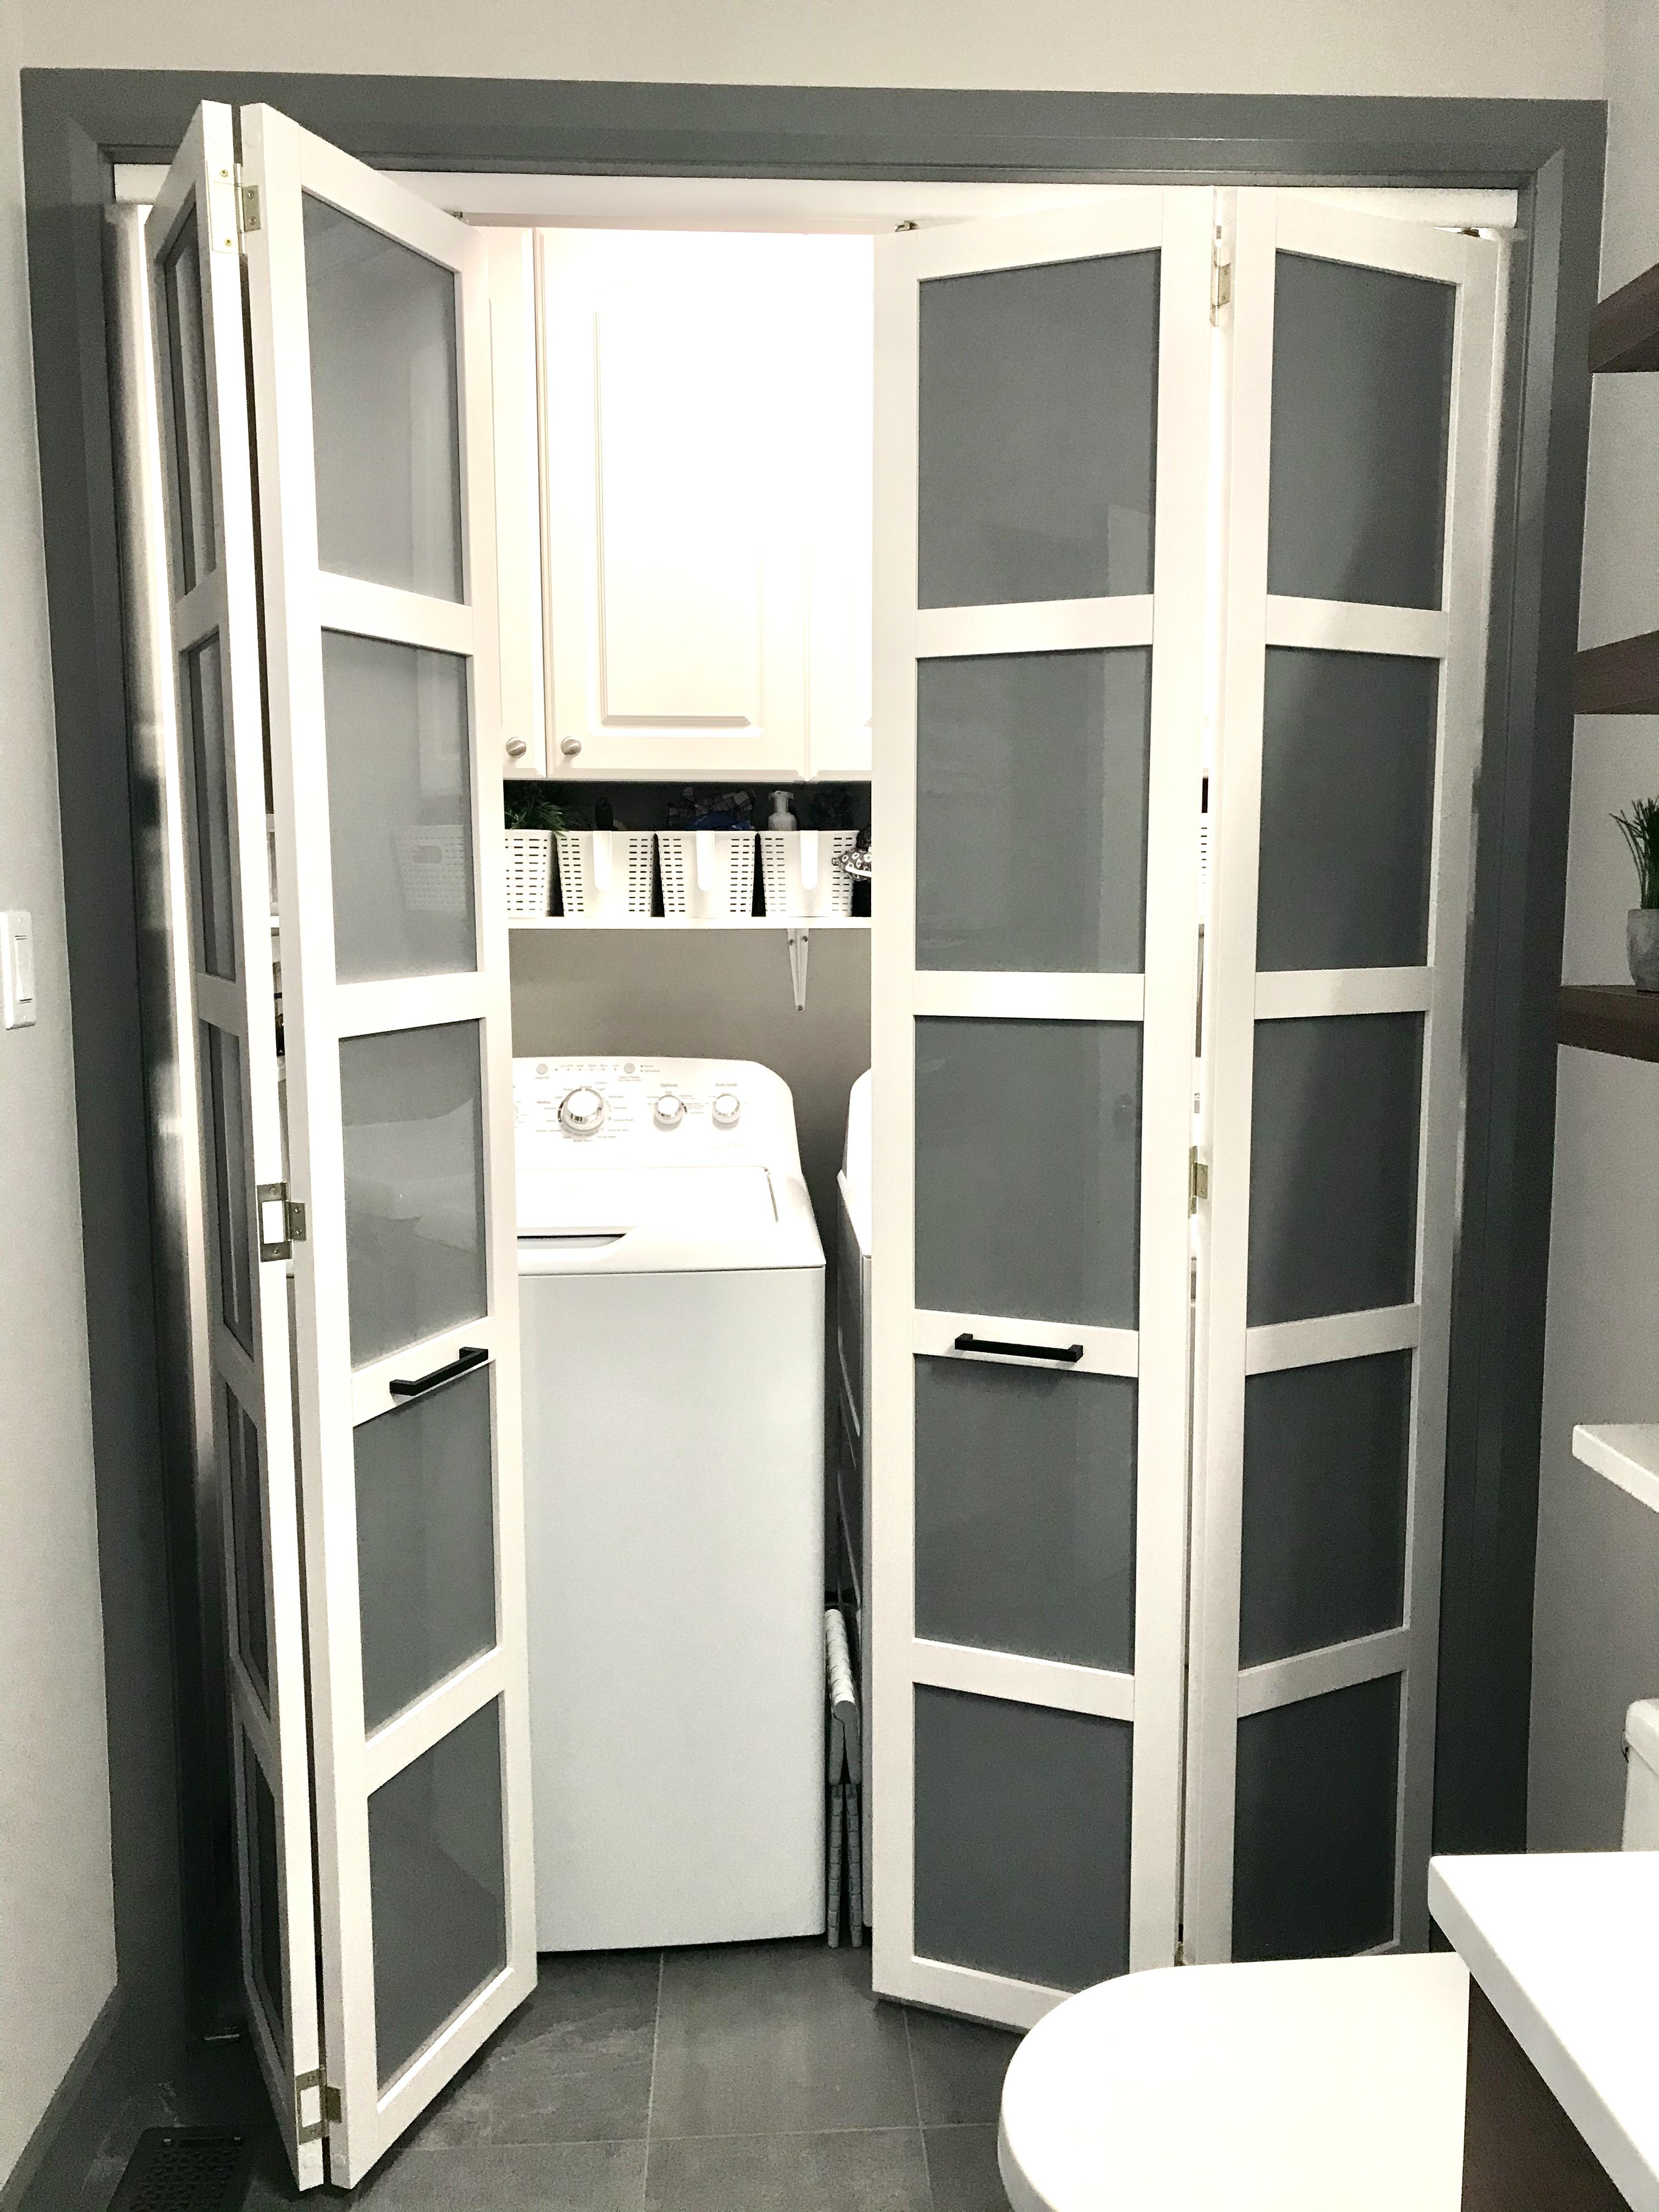 Powder room / laundry